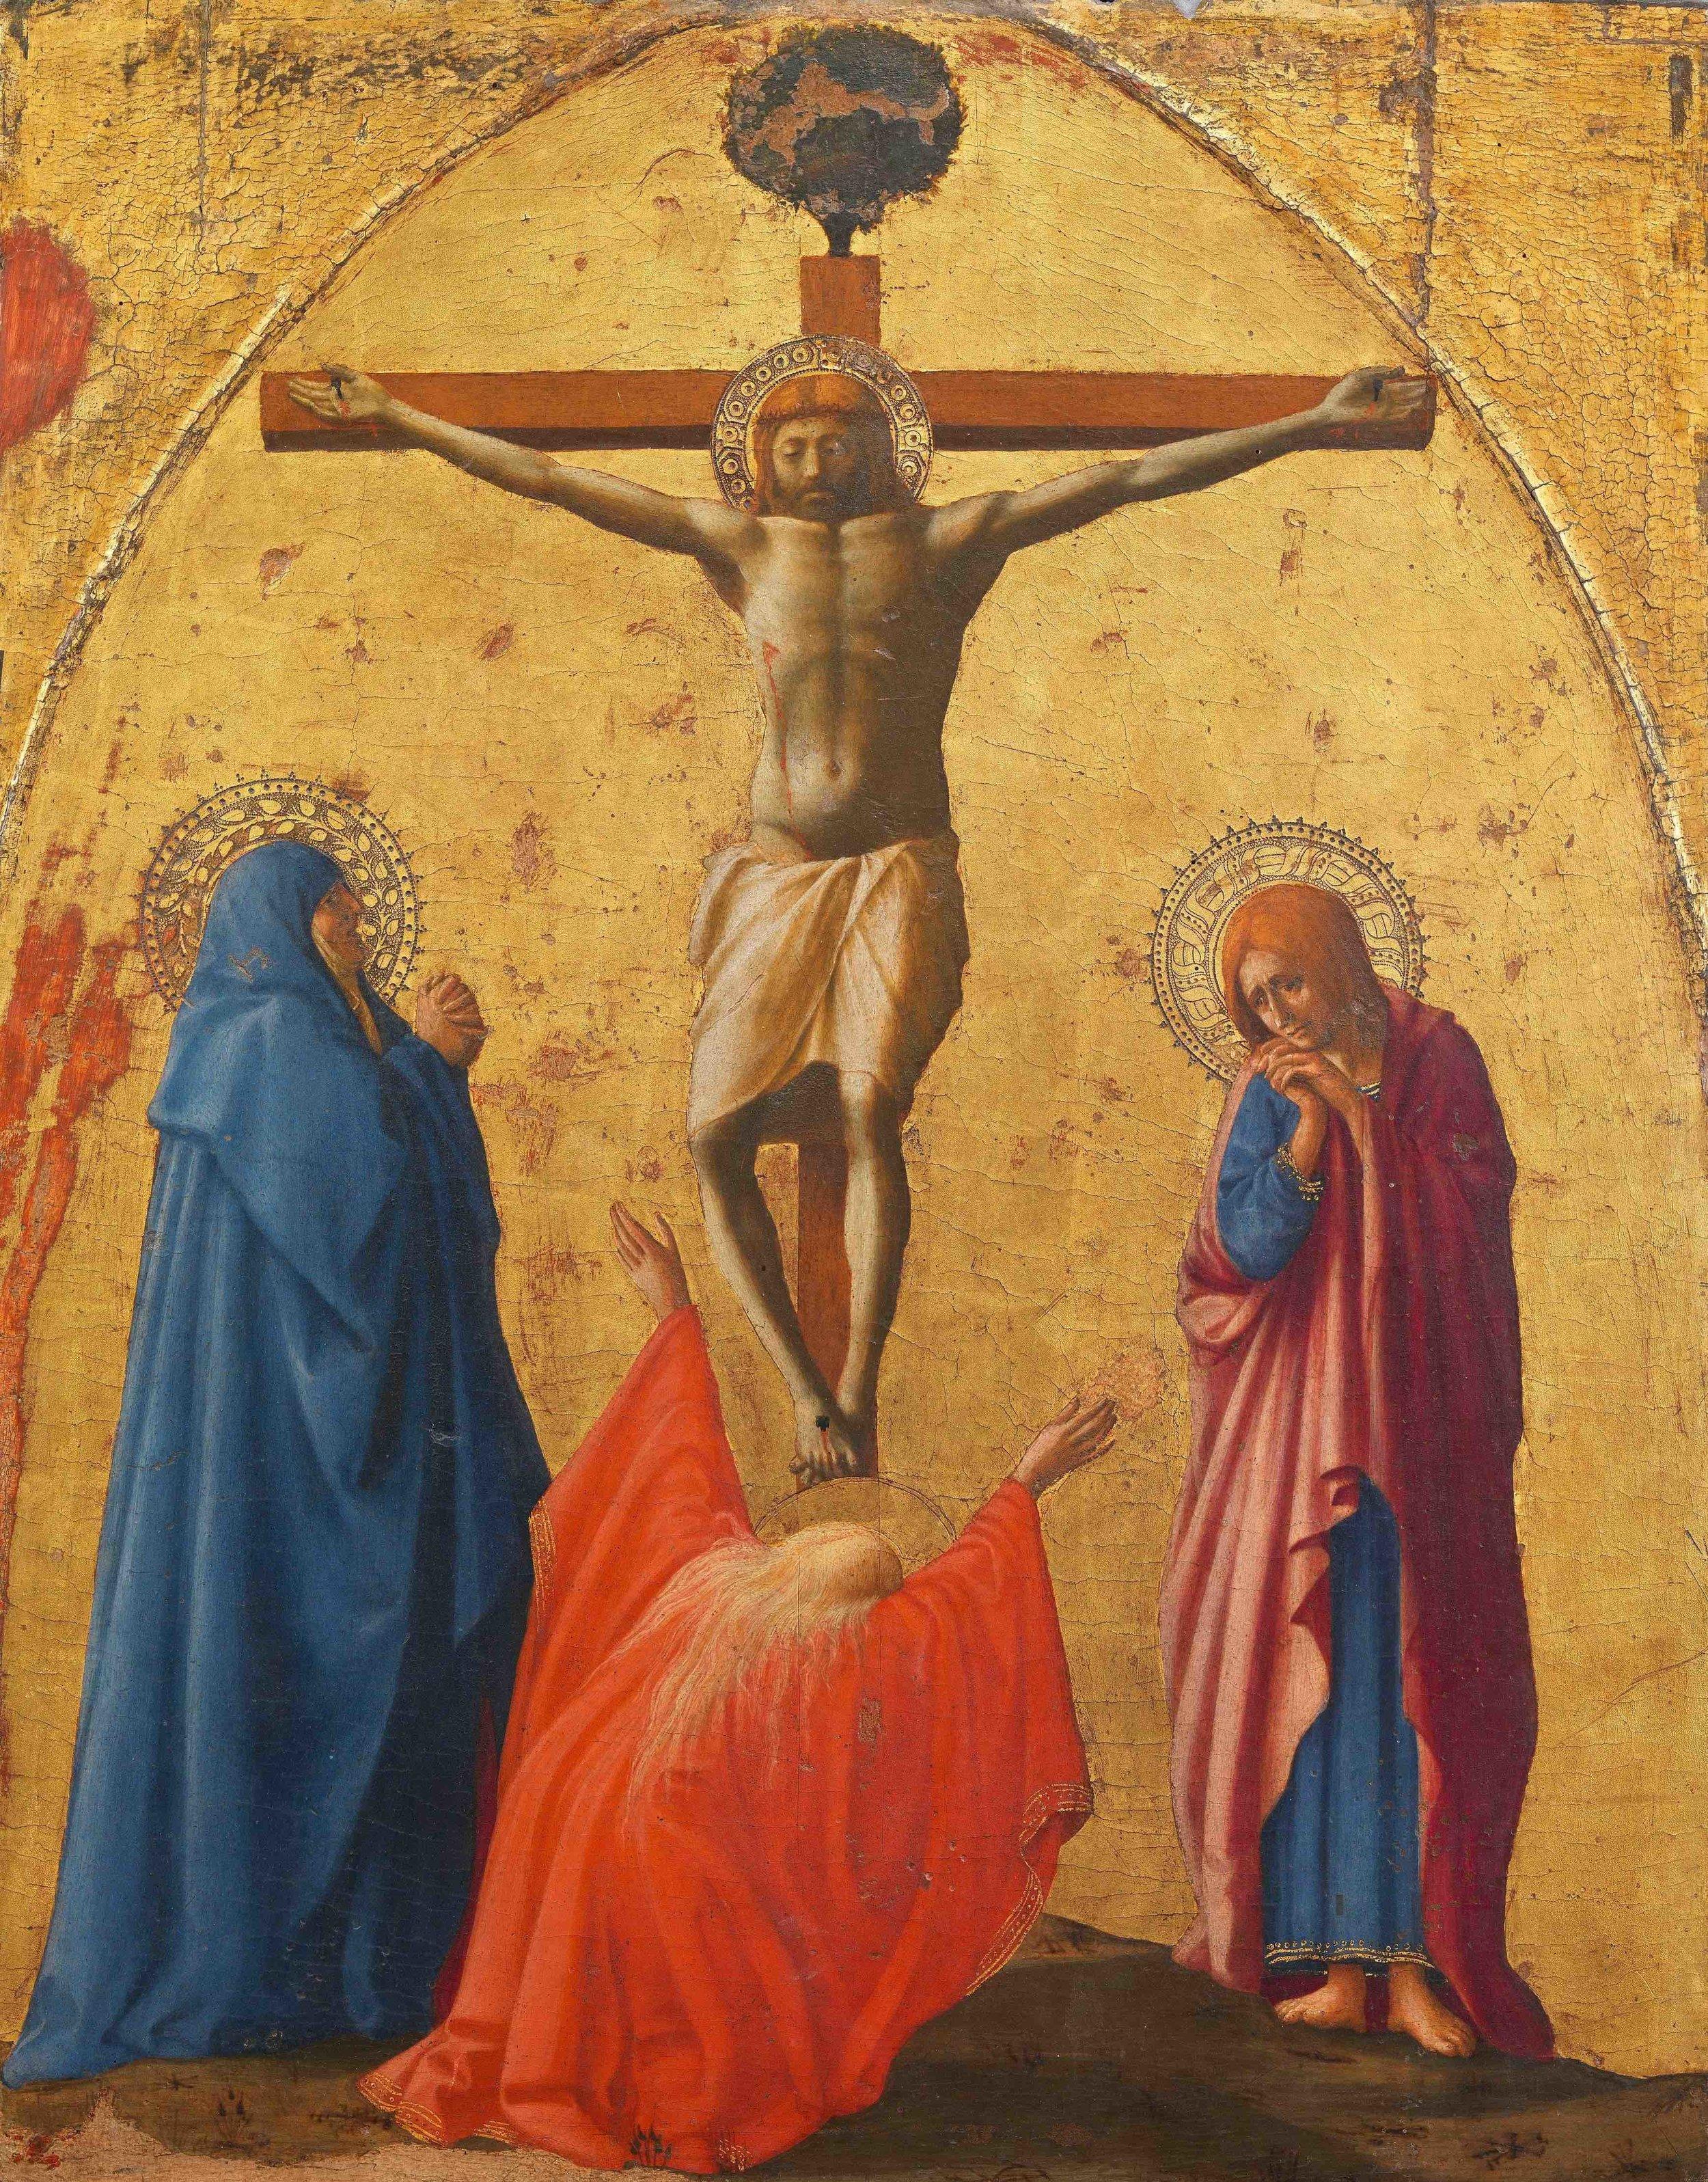 Masaccio, Crucifixion (1426)